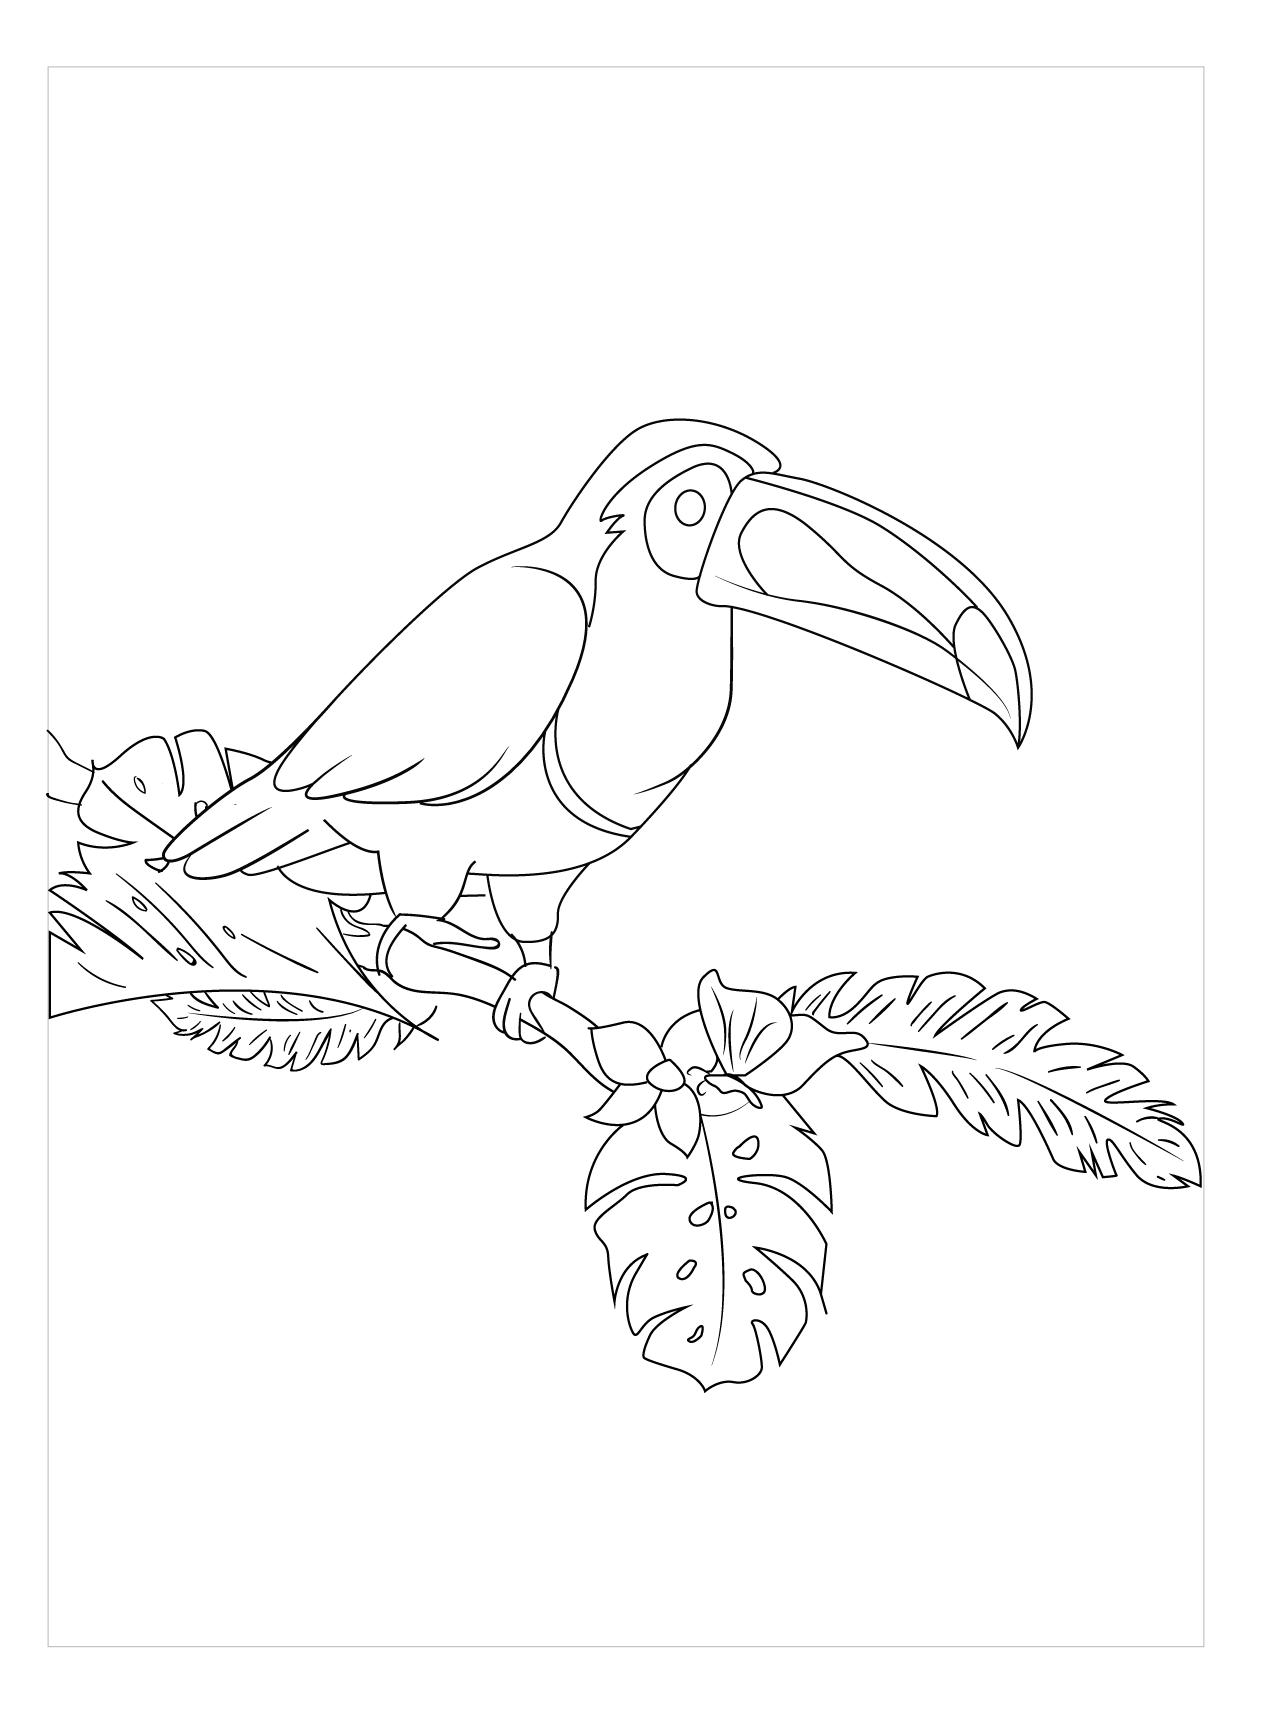 Mẫu tranh tô màu con chim đẹp nhất